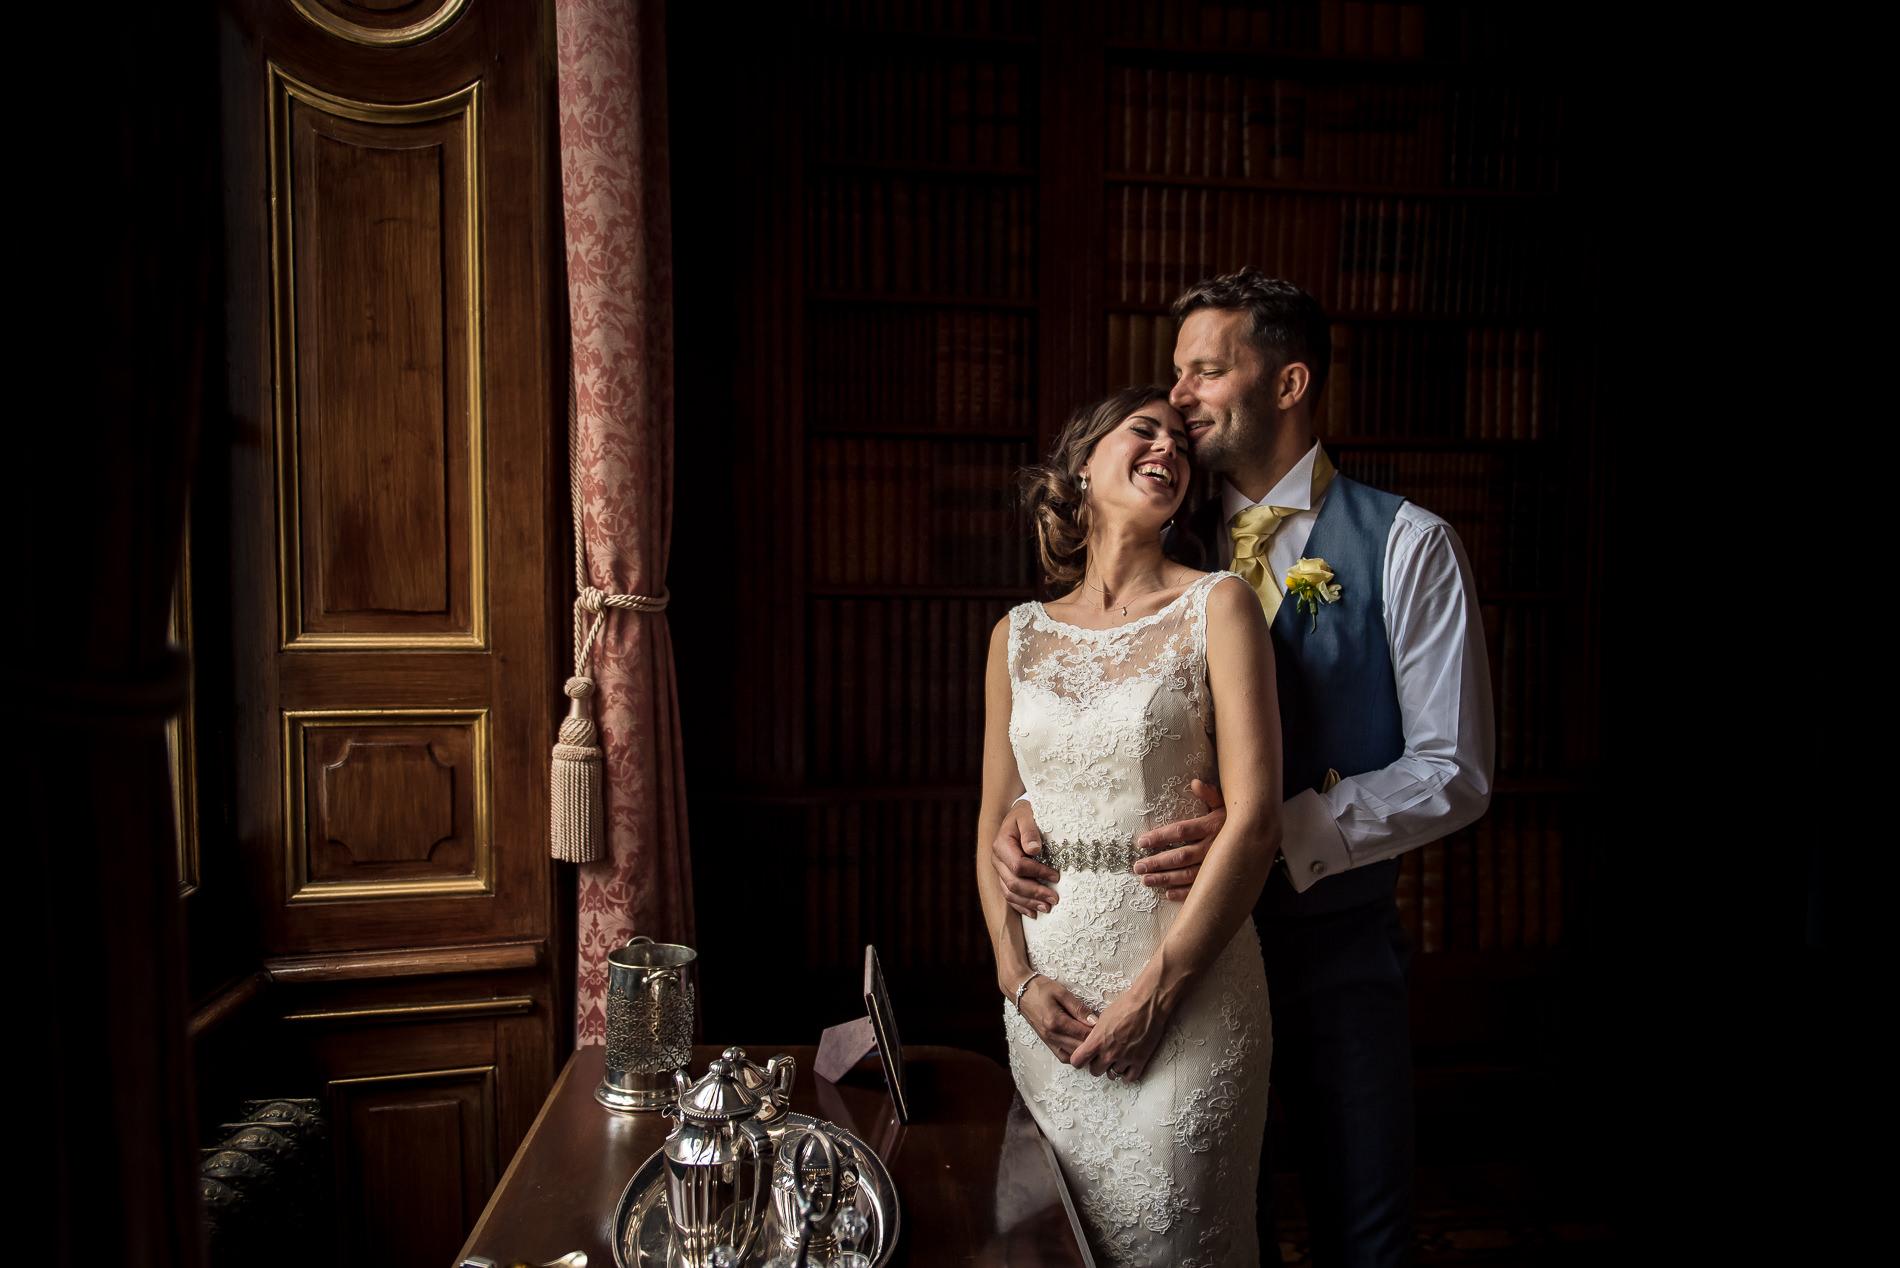 wedding chateau la durantie french castle-49